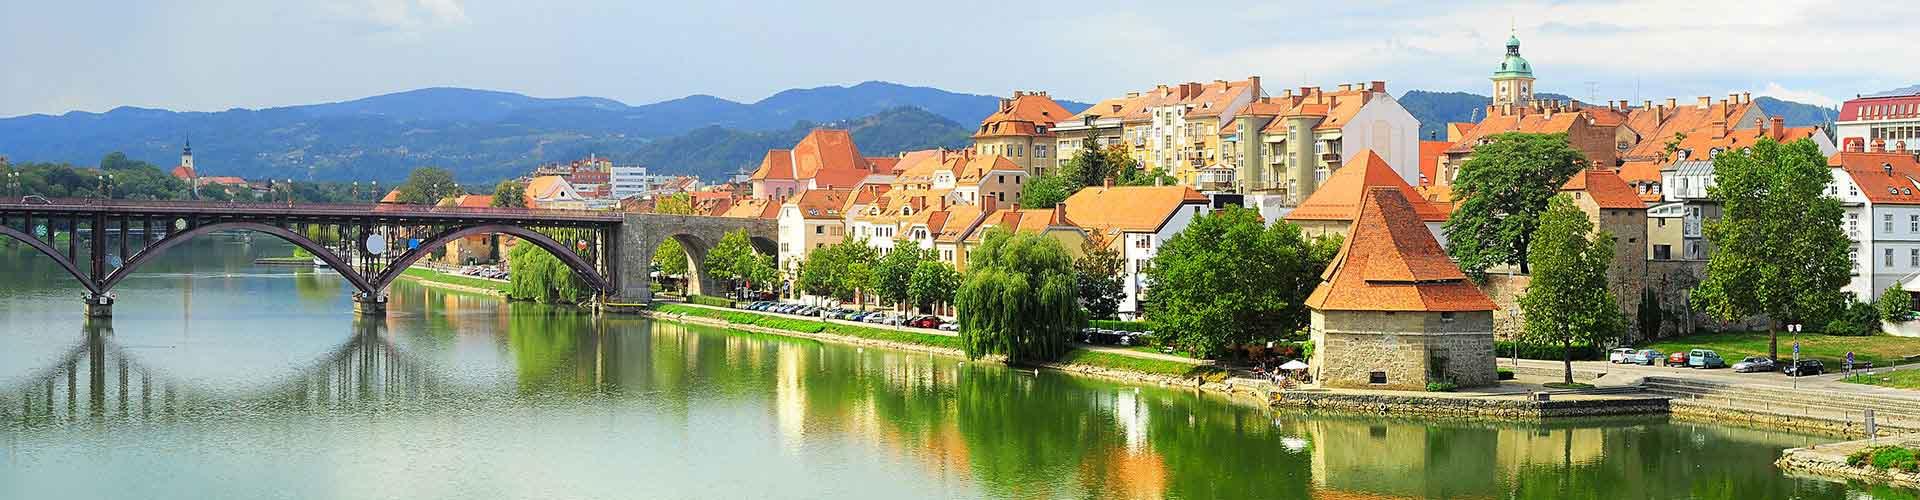 Maribor - Ifjúsági Szállások Mariborben. Maribor térképek, fotók és ajánlások minden egyes ifjúsági szállásokra Maribor-ben.